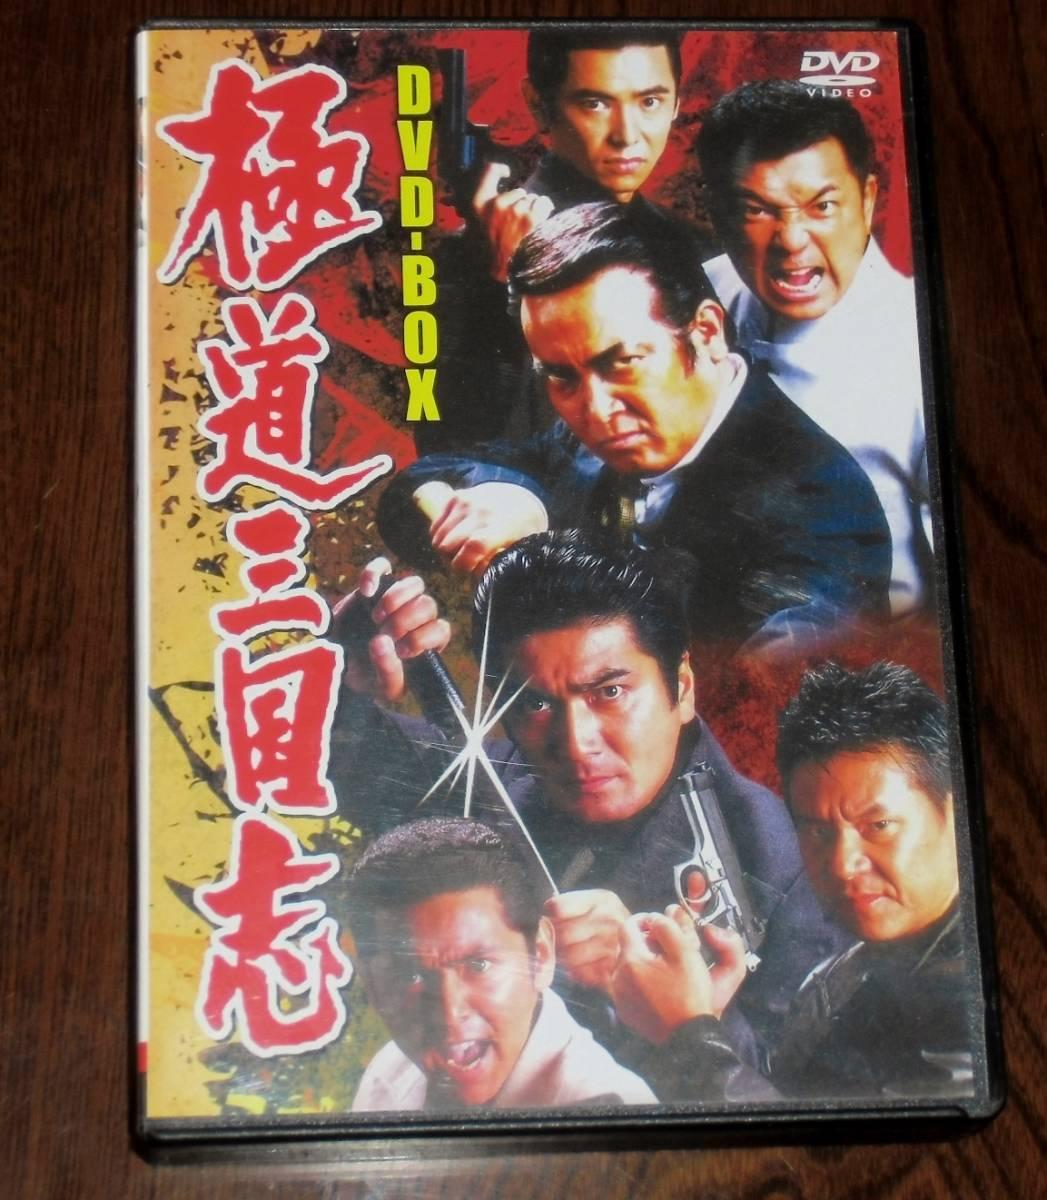 極道三国志 7枚組 極道三国志 DVD-BOX